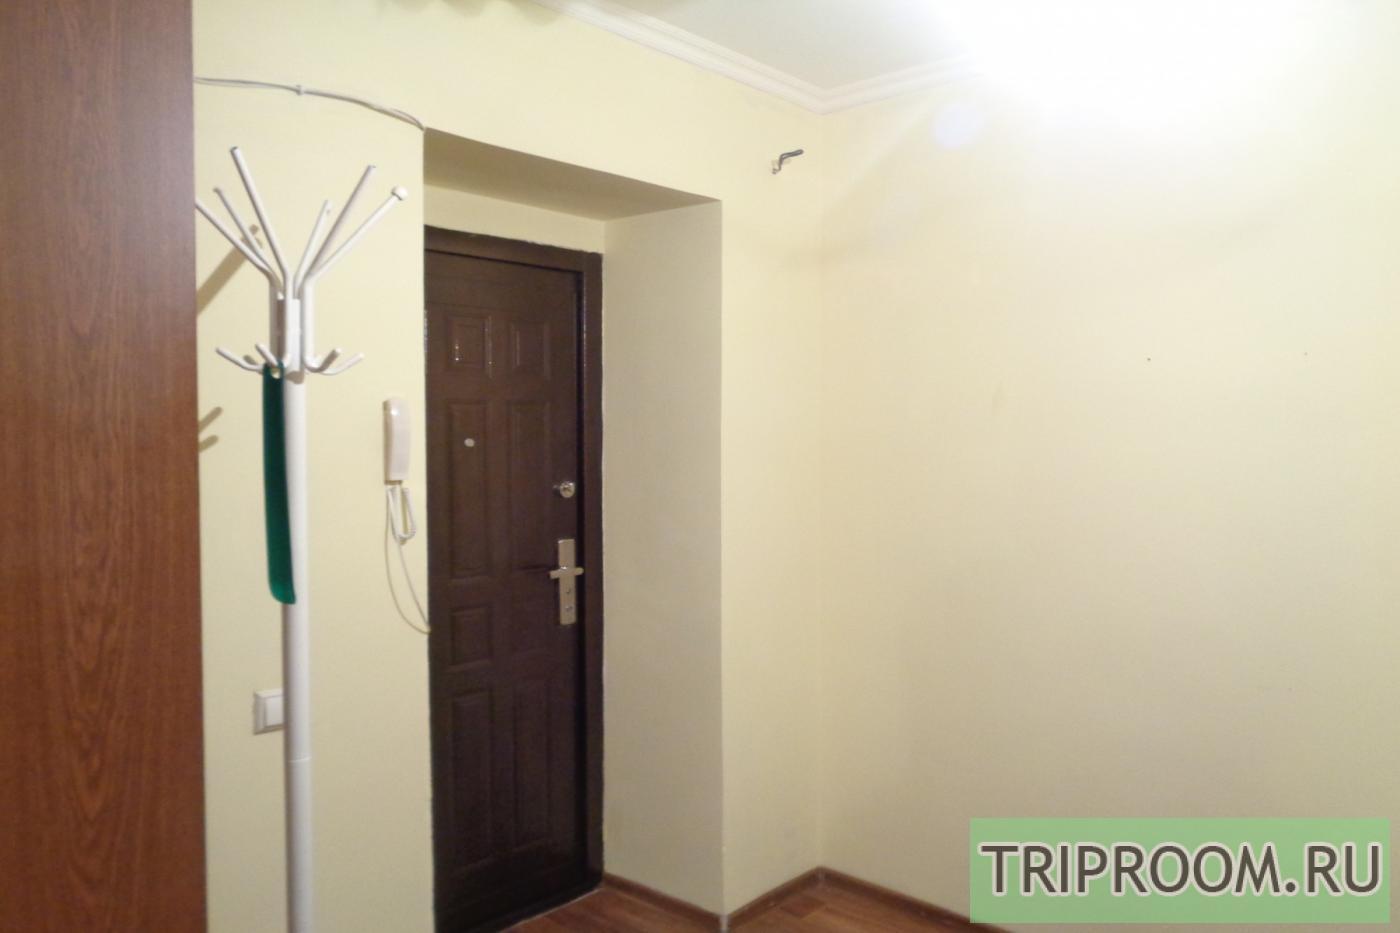 2-комнатная квартира посуточно (вариант № 33612), ул. Учебная улица, фото № 5